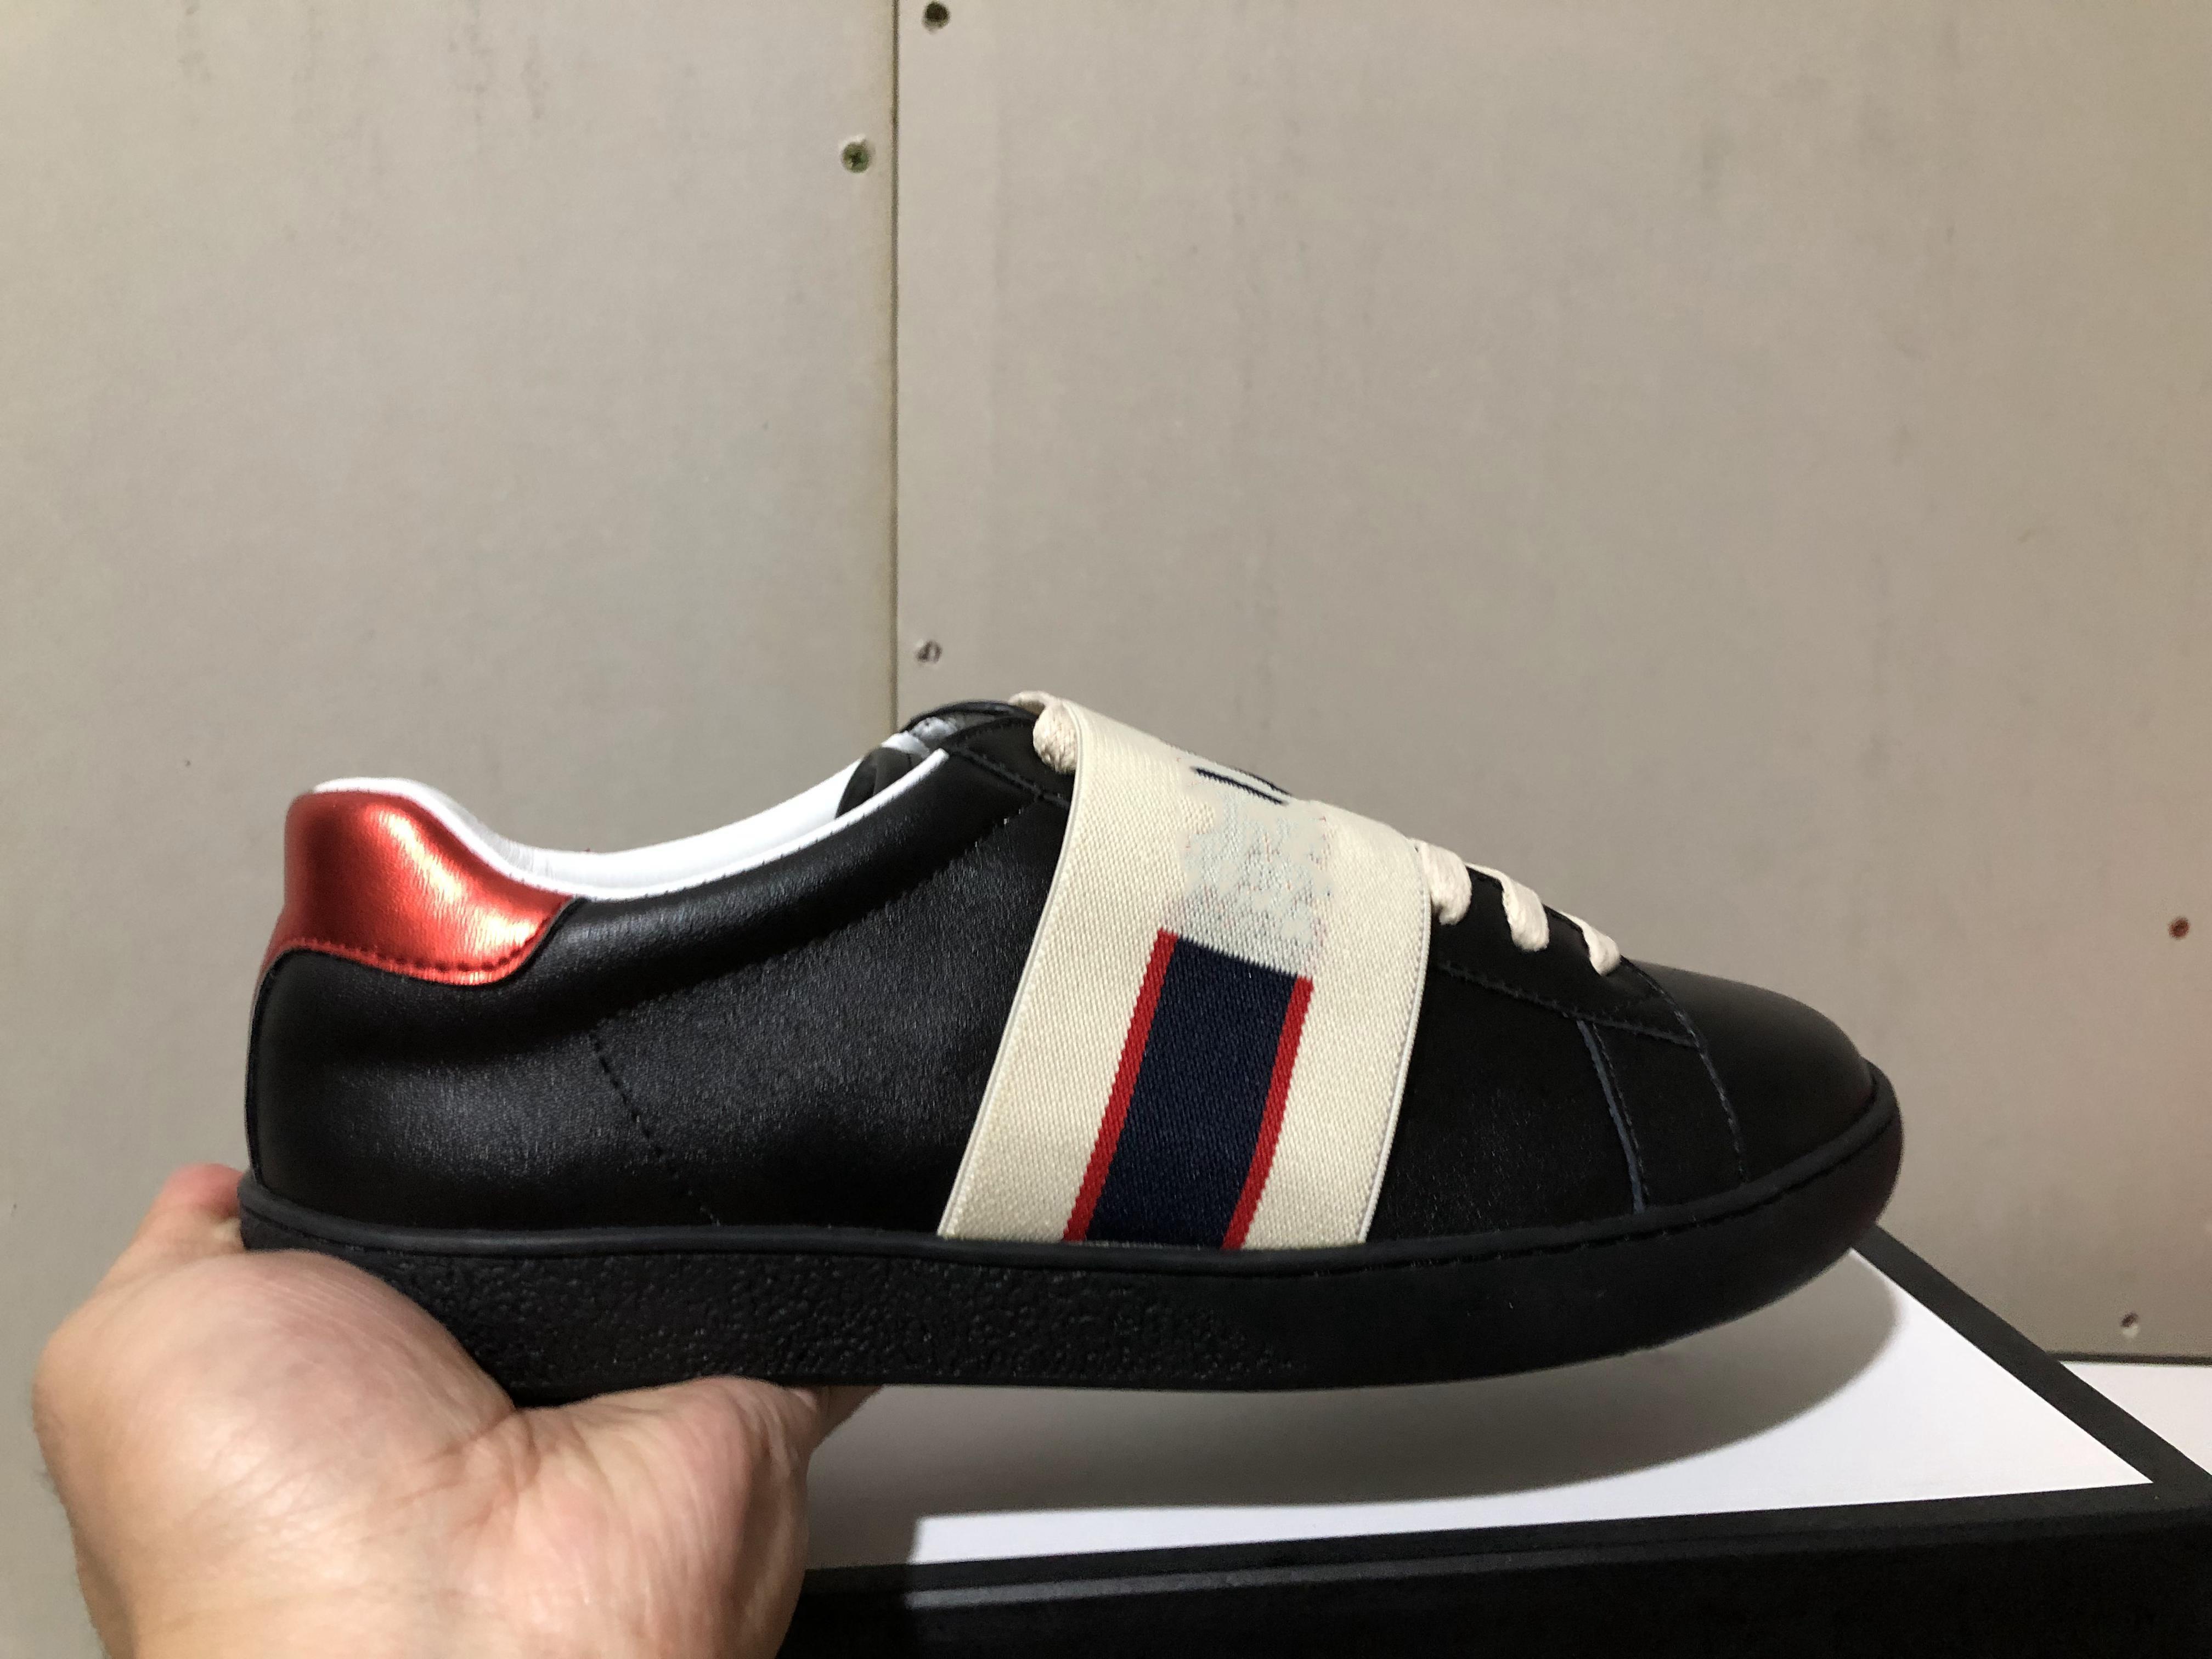 Klassisch! Beste Qualität Designer Schuhe weiß rot Leder Designer Sneaker Marke Mens Womens Casual Biene Schuhe mit Box Größe 35-46